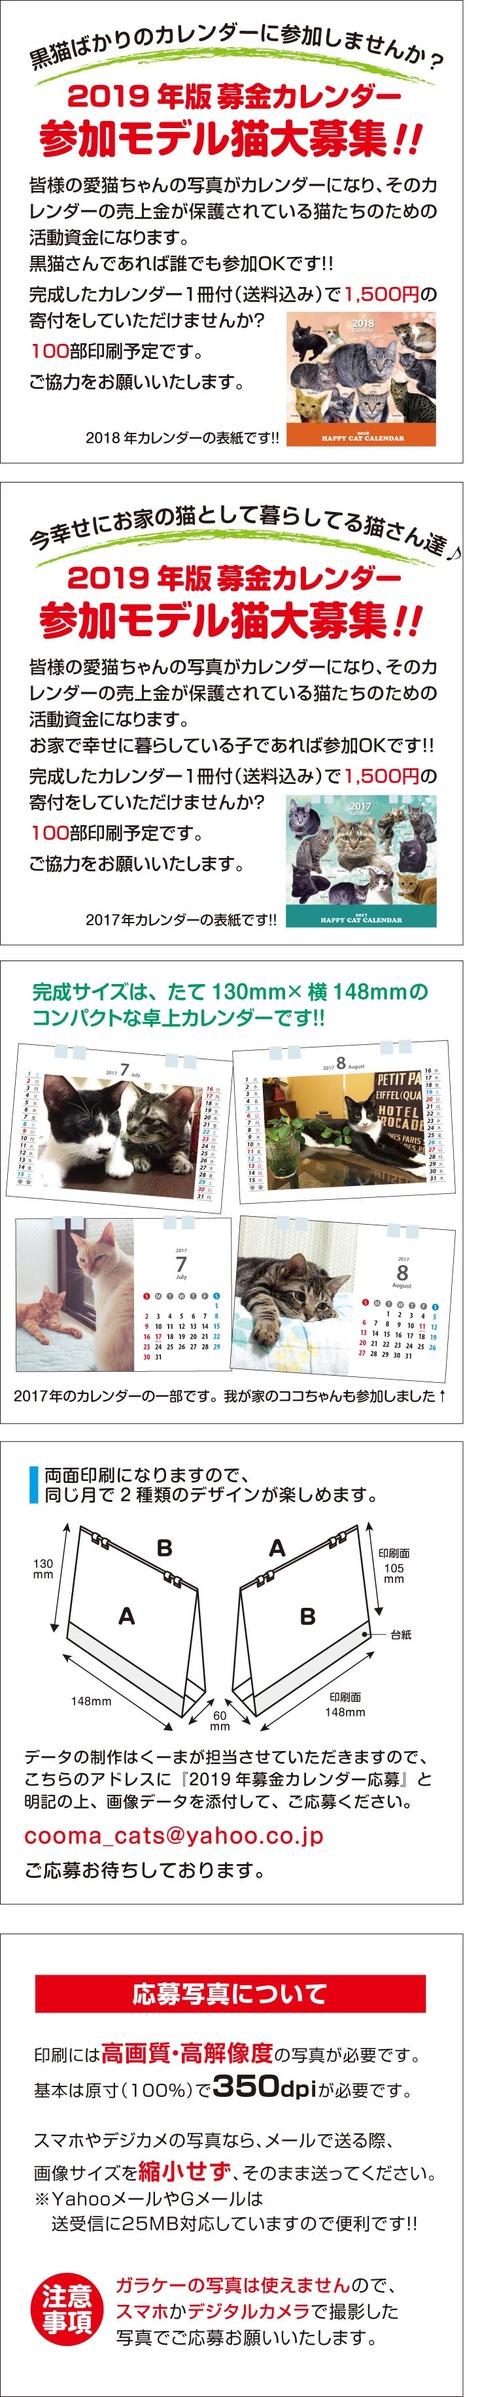 カレンダー募集用2019_黒猫